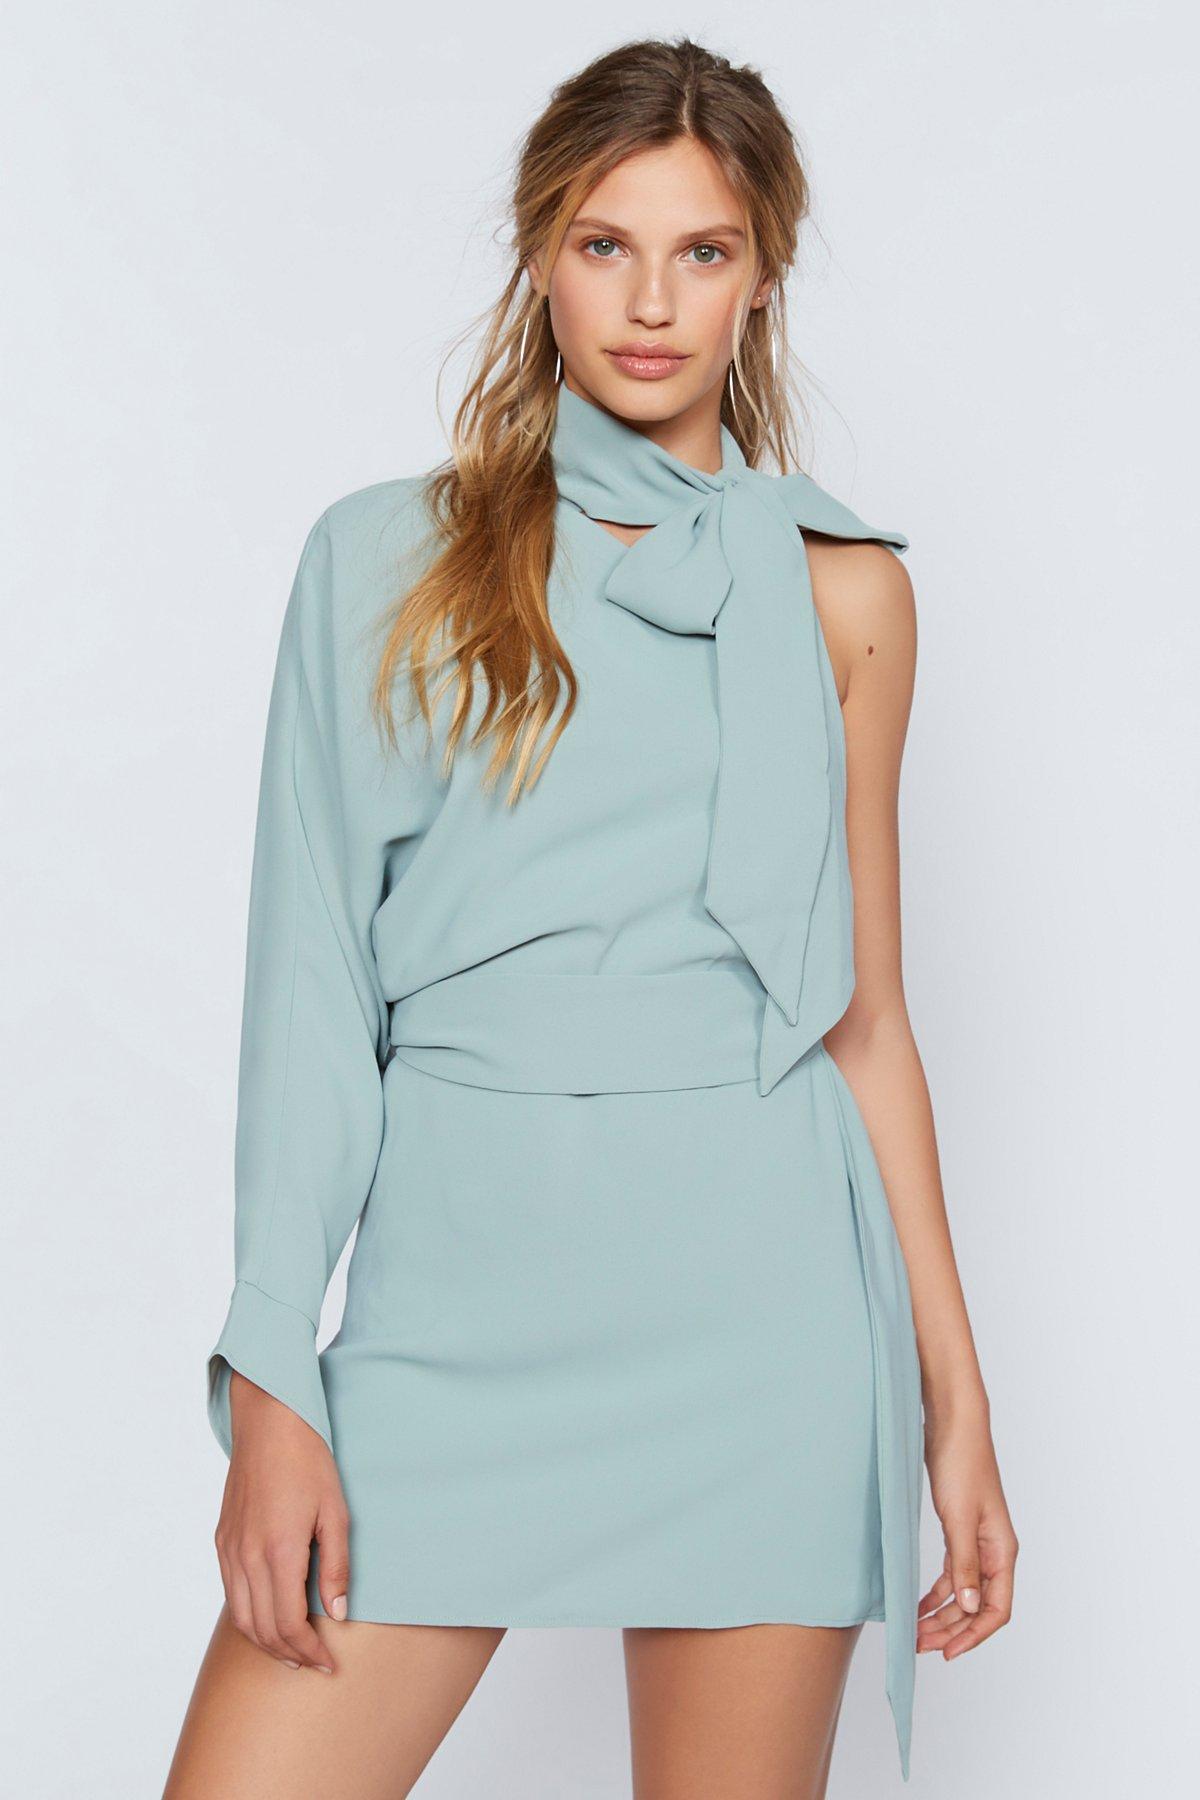 Everlasting One-Shoulder Dress